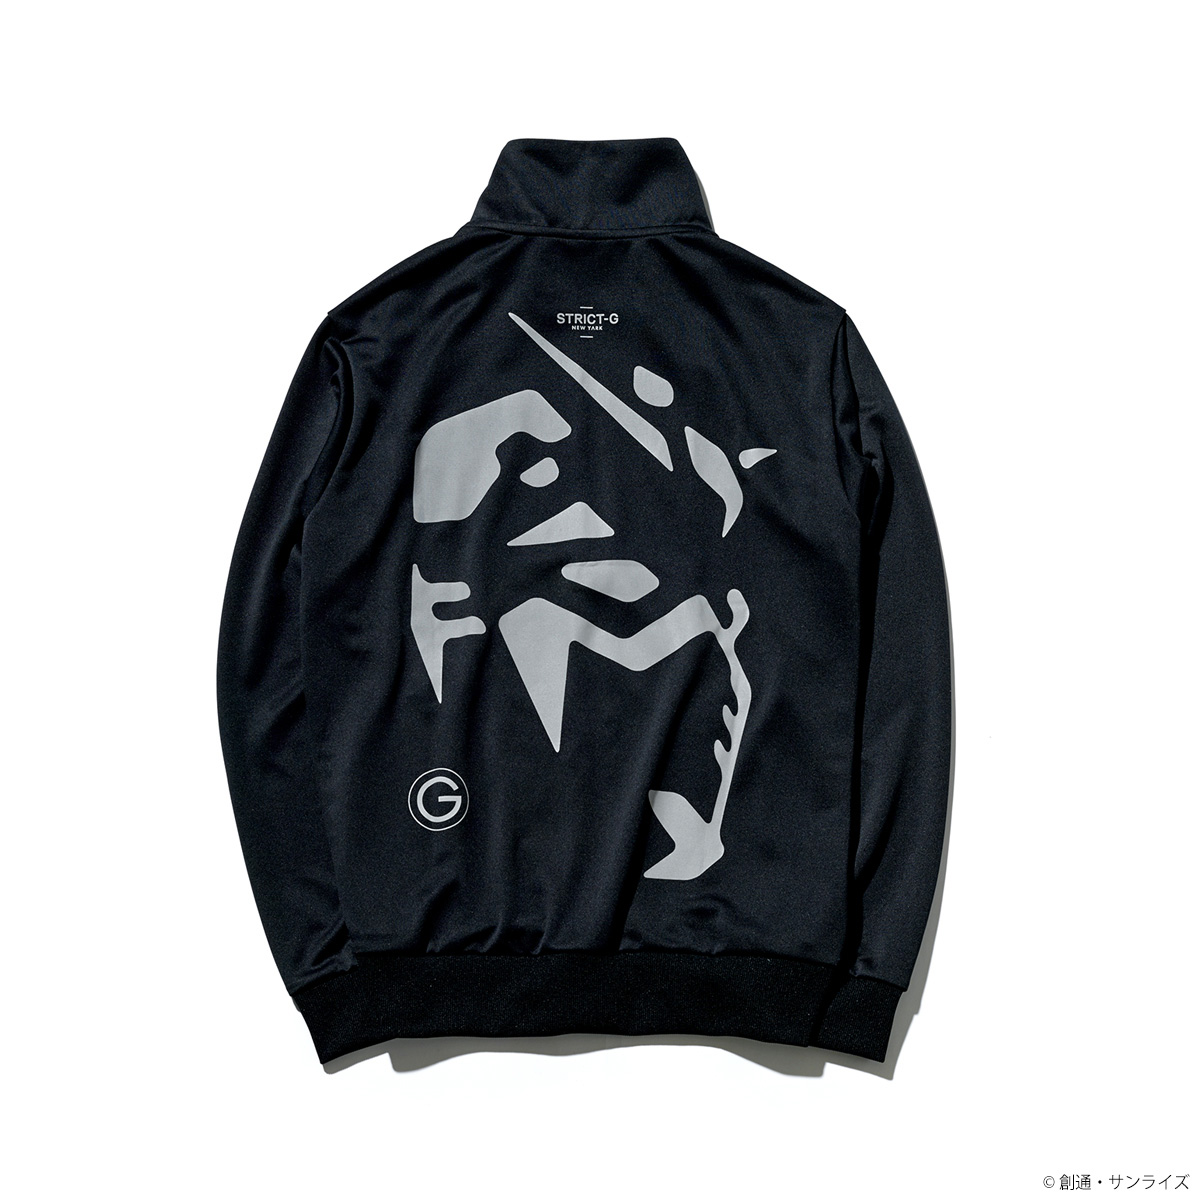 STRICT-G NEW YARK トラックジャケット